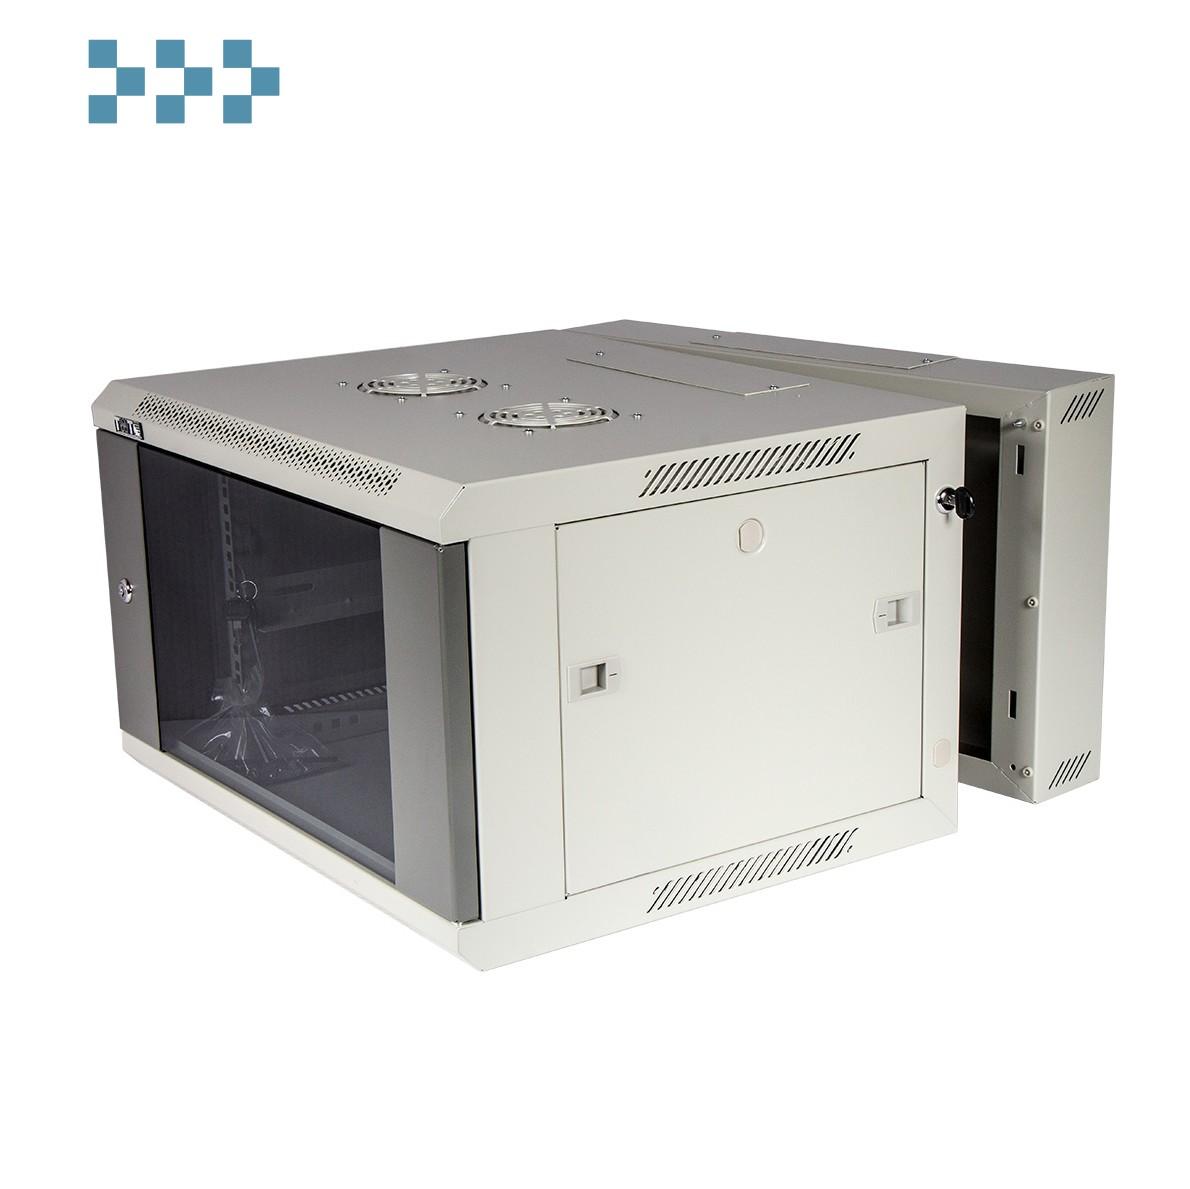 Шкаф настенный серии Pro 3-секционный со стеклянной дверью TWT-CBW3G-15U-6×6-GY